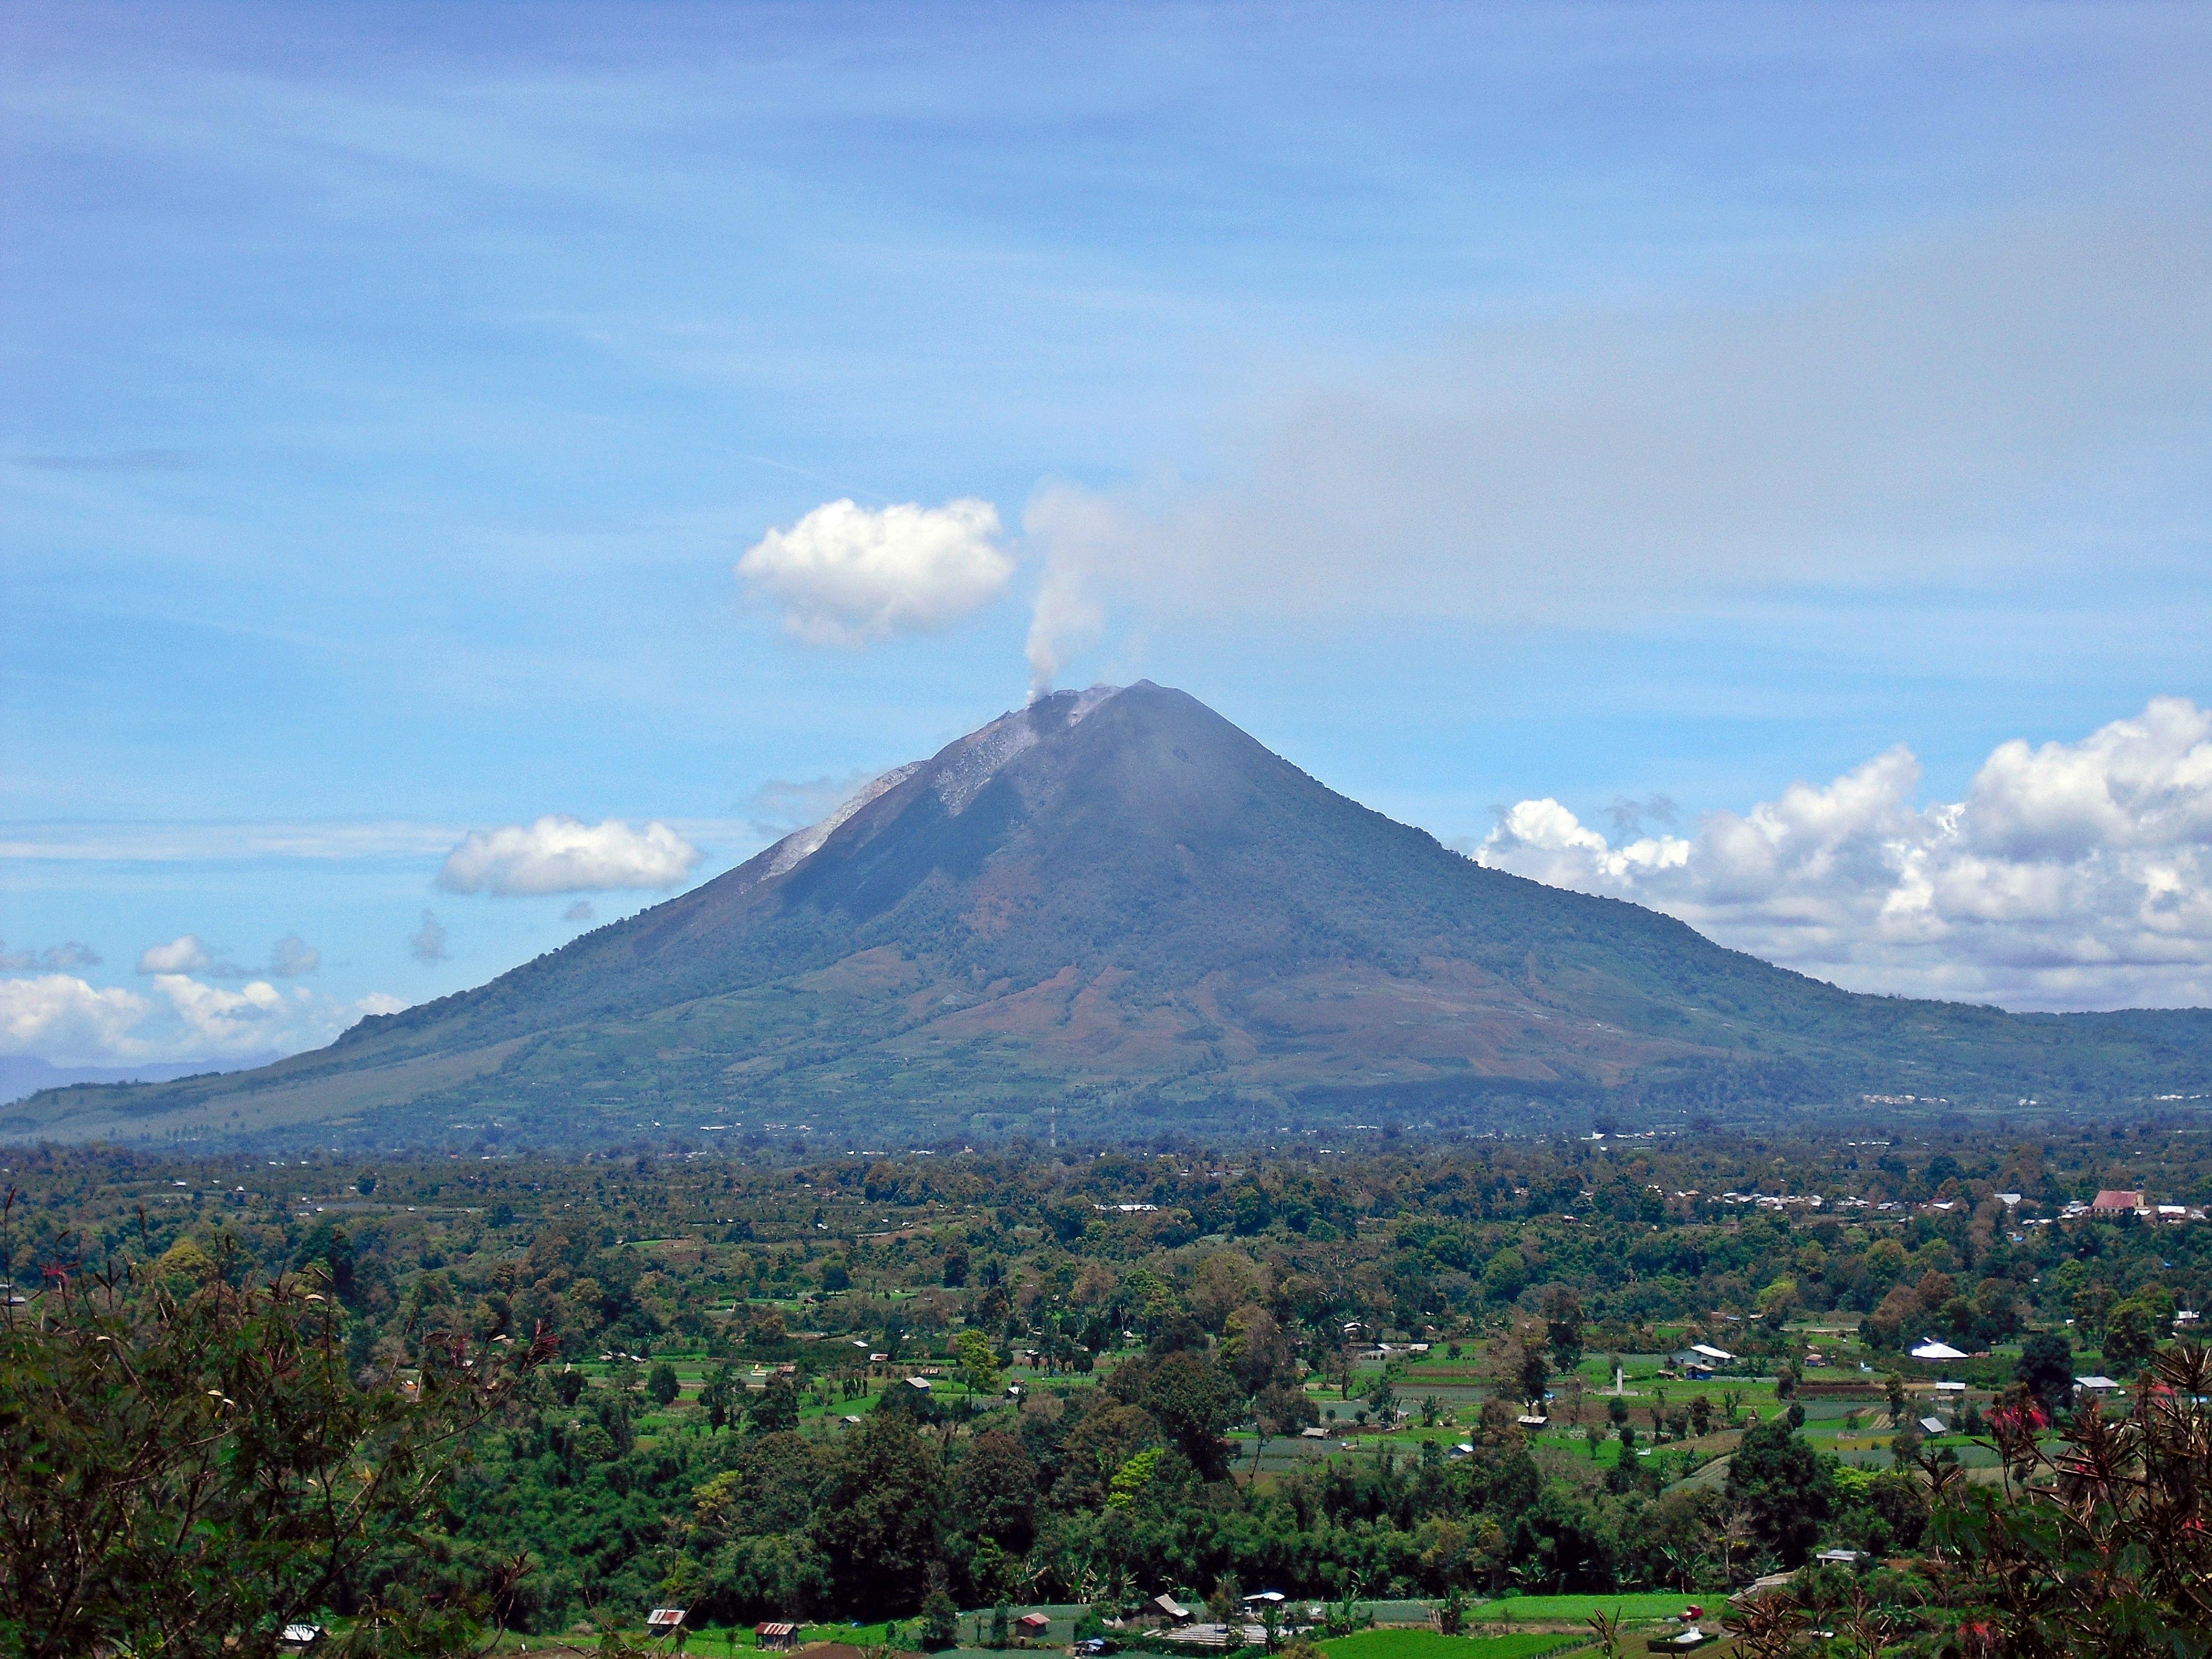 gunung sinabung dilihat dari gundaling pada 13 september 2010